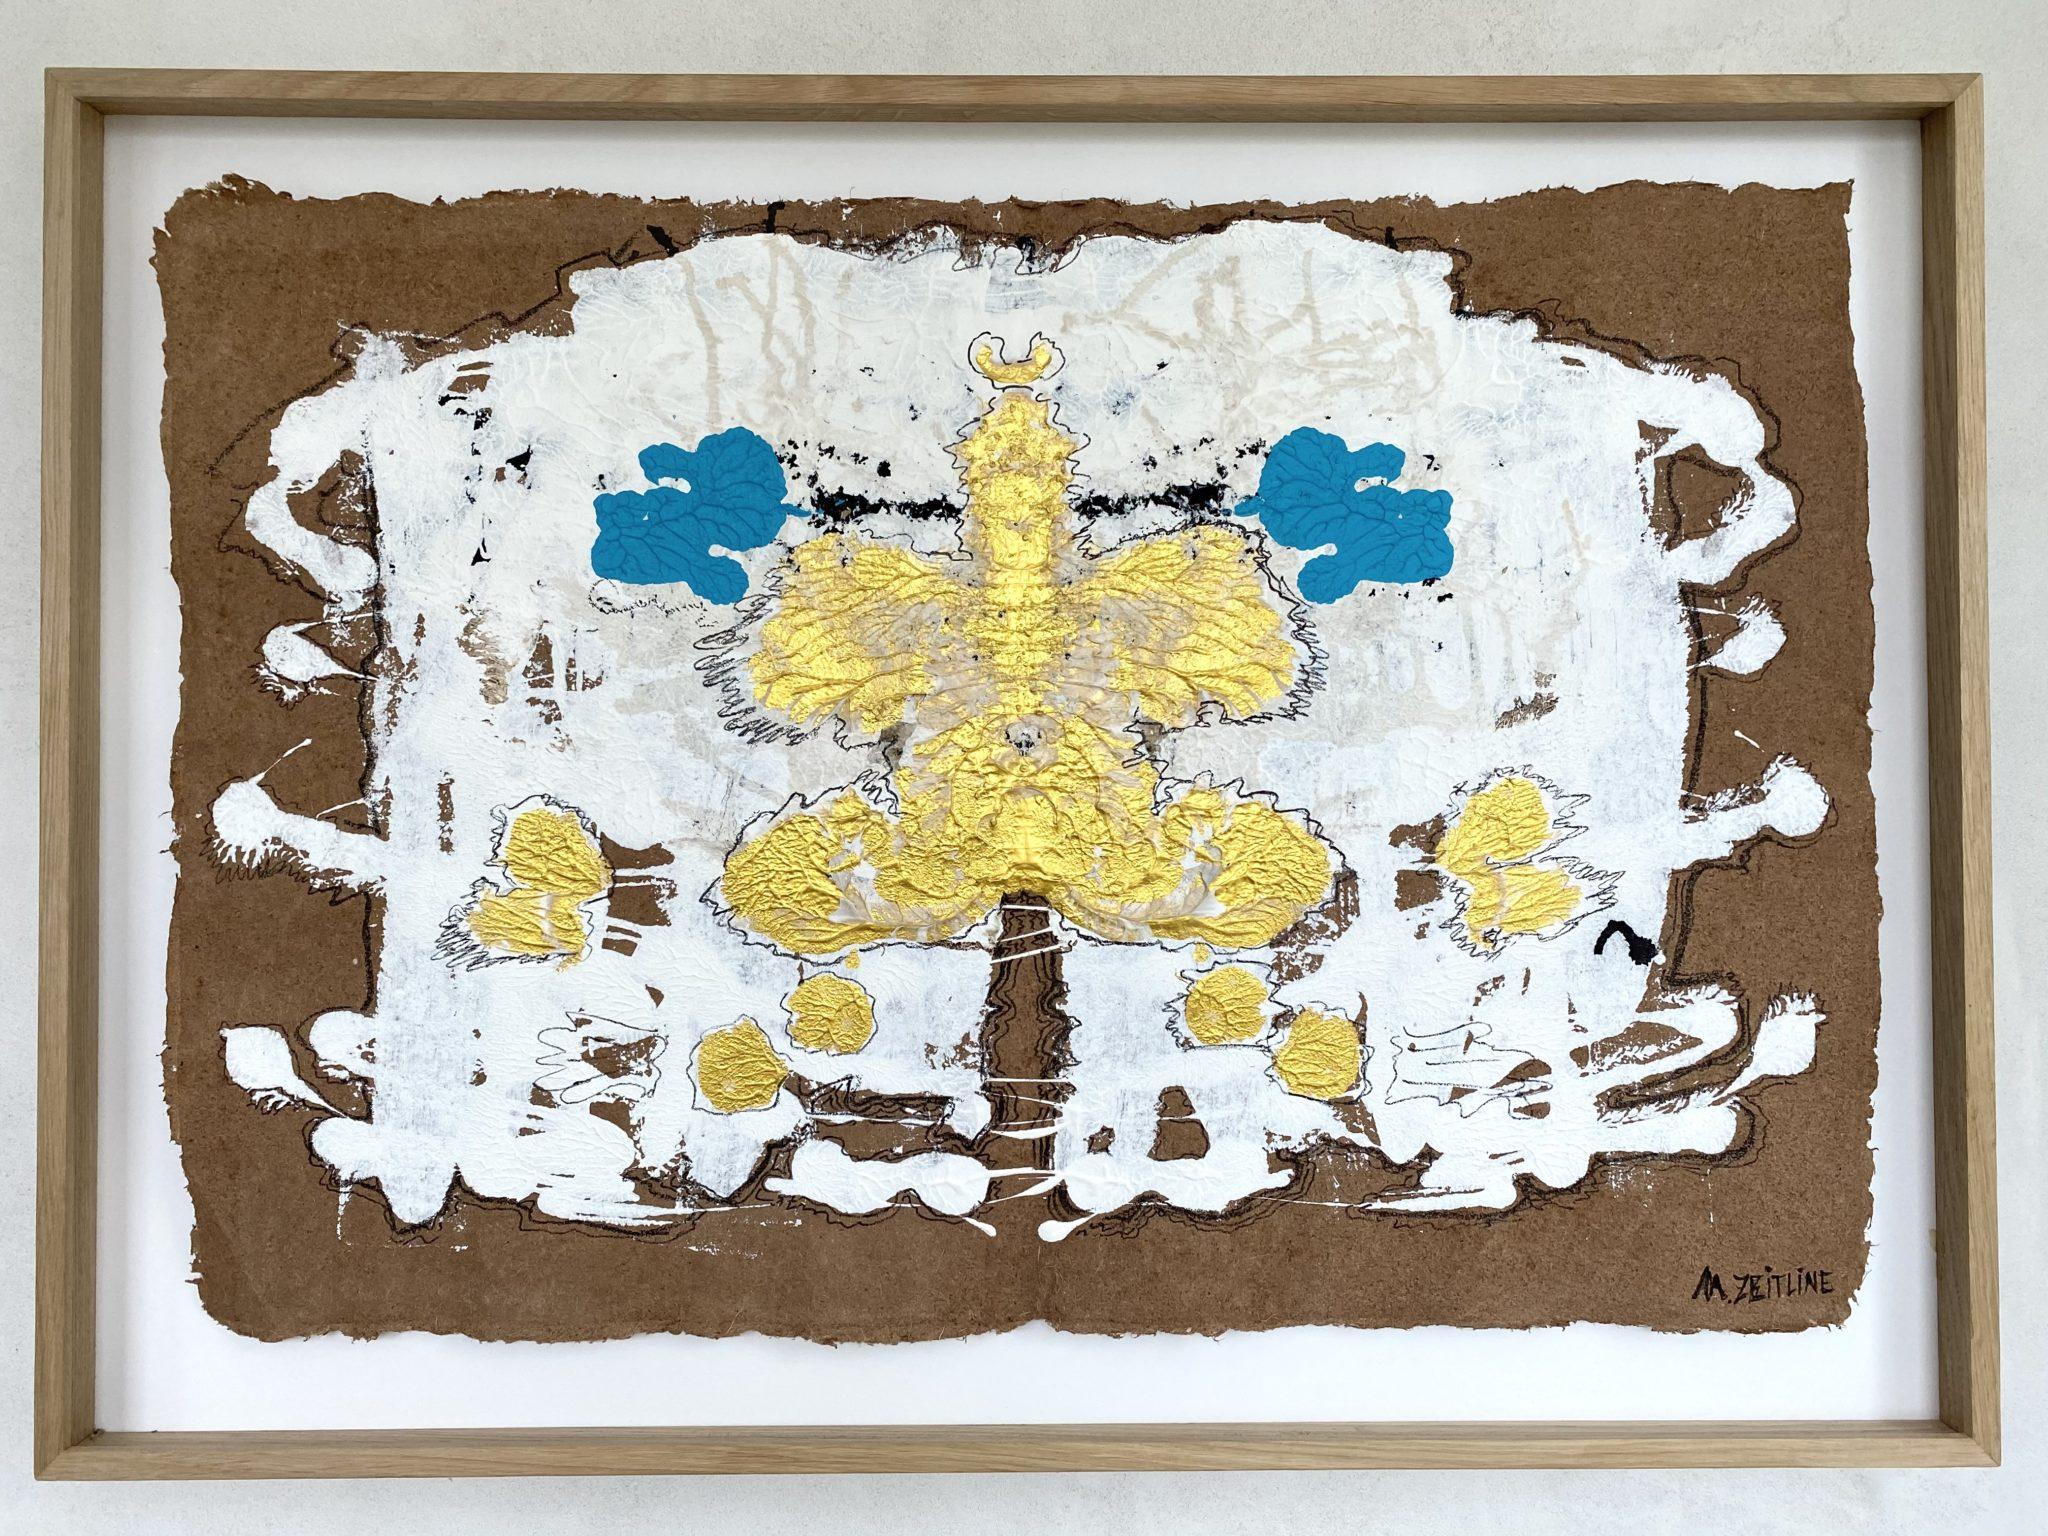 Mondes Invisibles - acrylique et feutre sur papier - 72 x 100 cmMESGMZM05